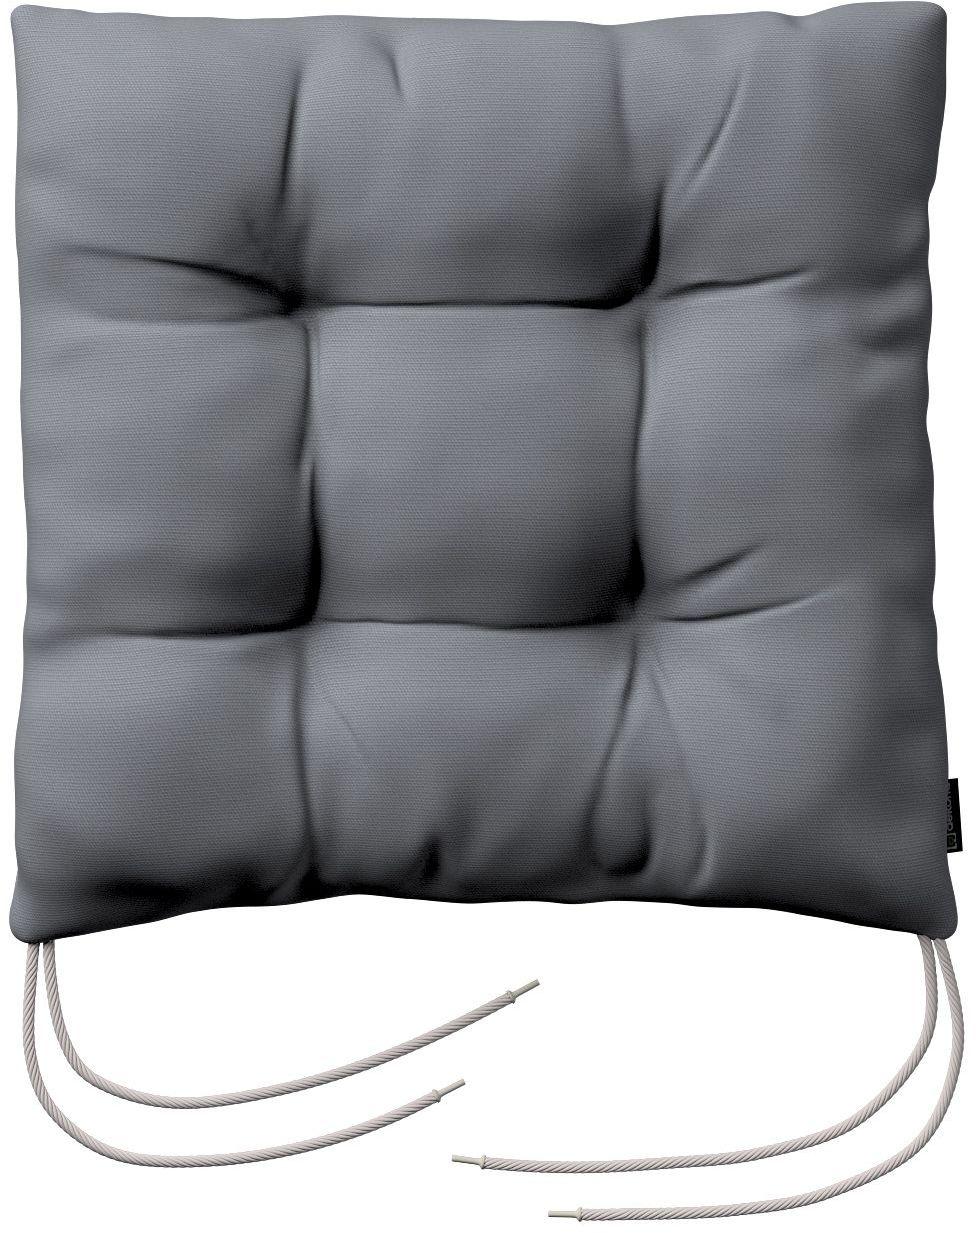 Siedzisko Jacek na krzesło, Slade Grey (szary), 38  38  8 cm, Cotton Panama